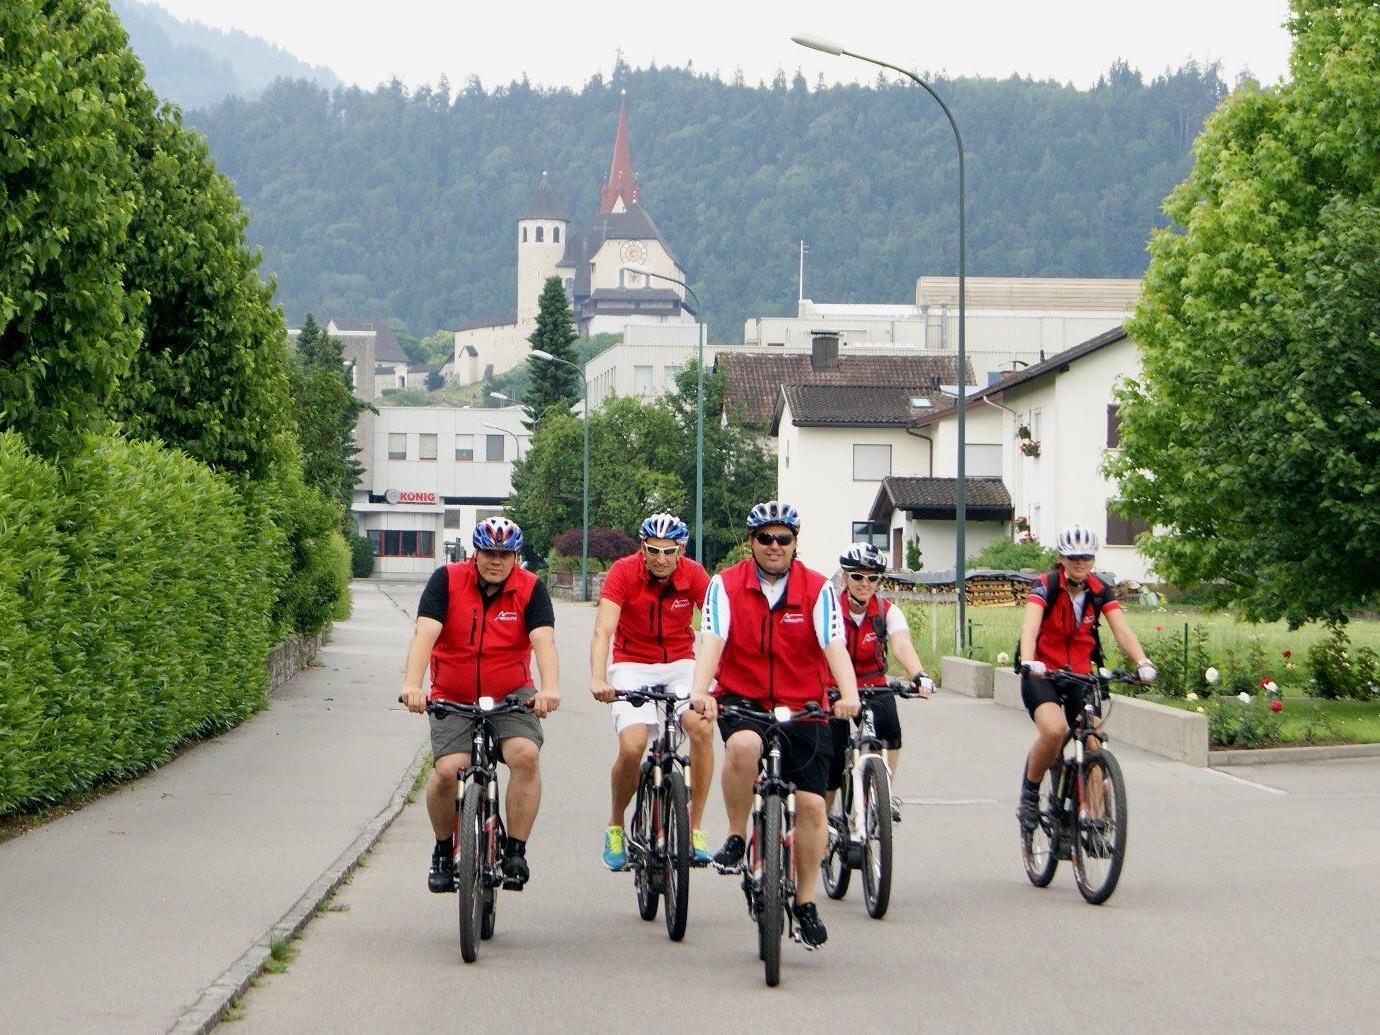 Das Montafon macht mobil in Sachen E-Bike und wurde mit einem Anerkennungspreis ausgezeichnet.